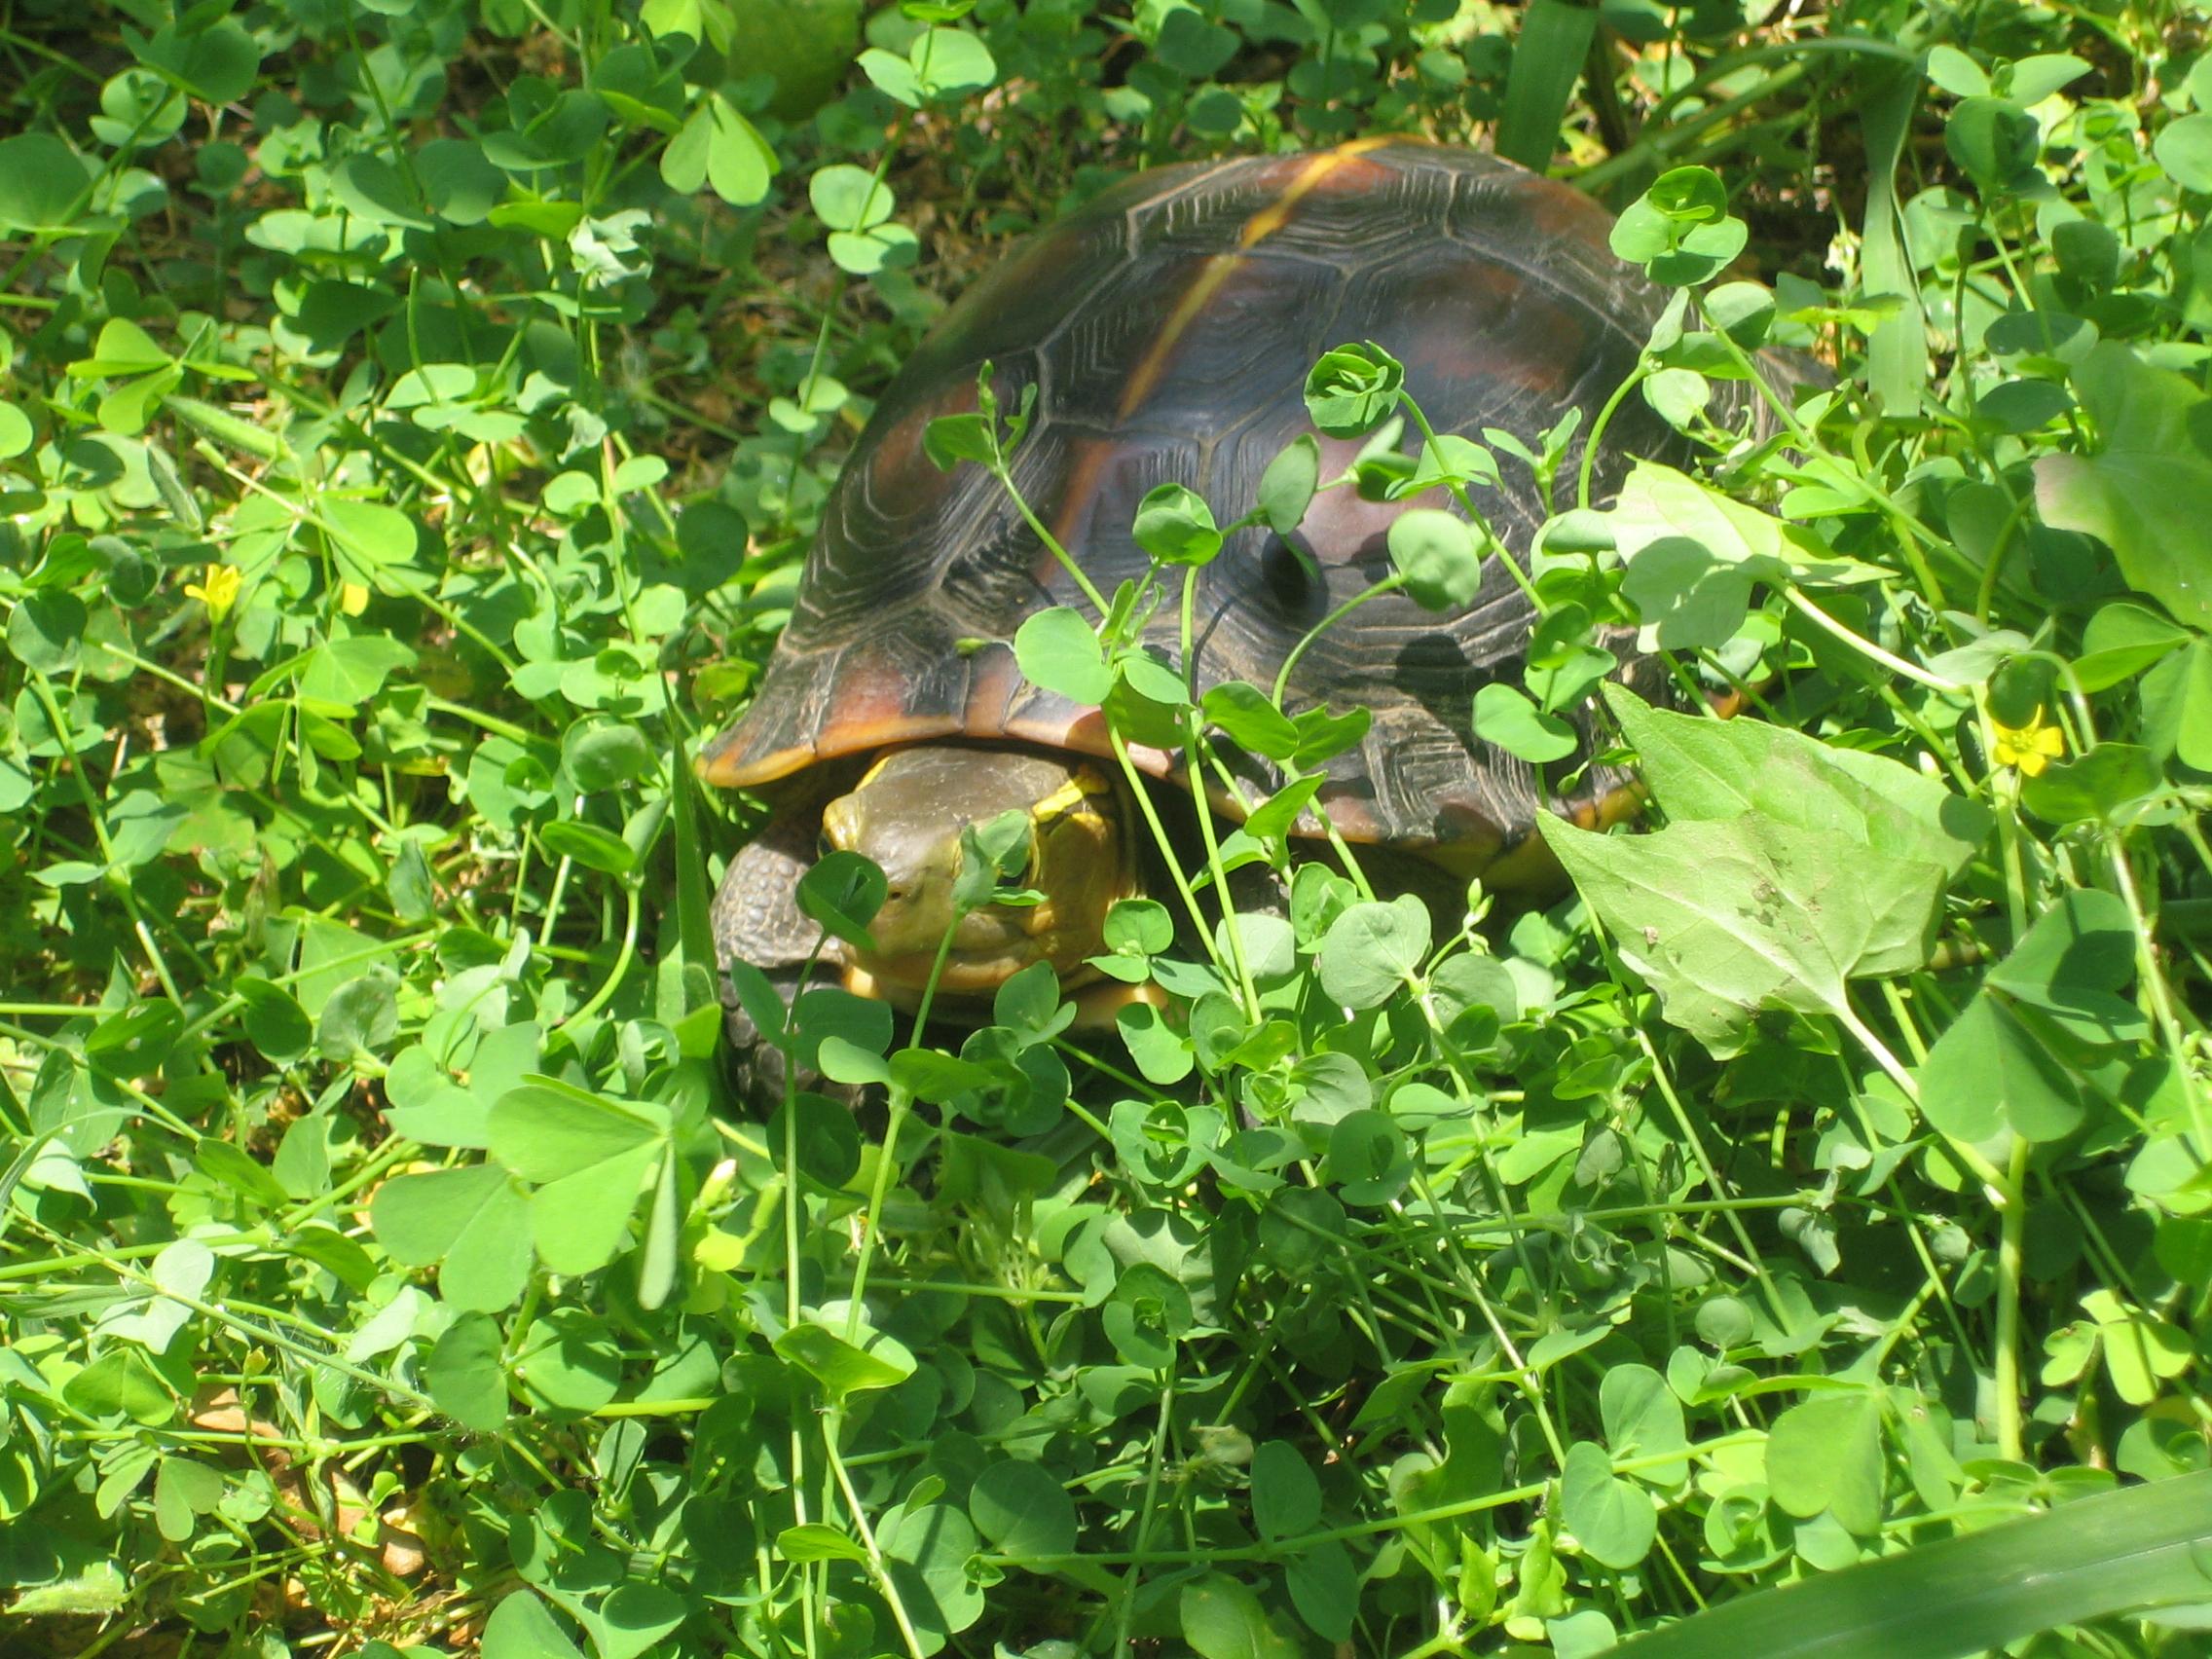 動作敏捷穿梭在樹葉中(食蛇龜)1